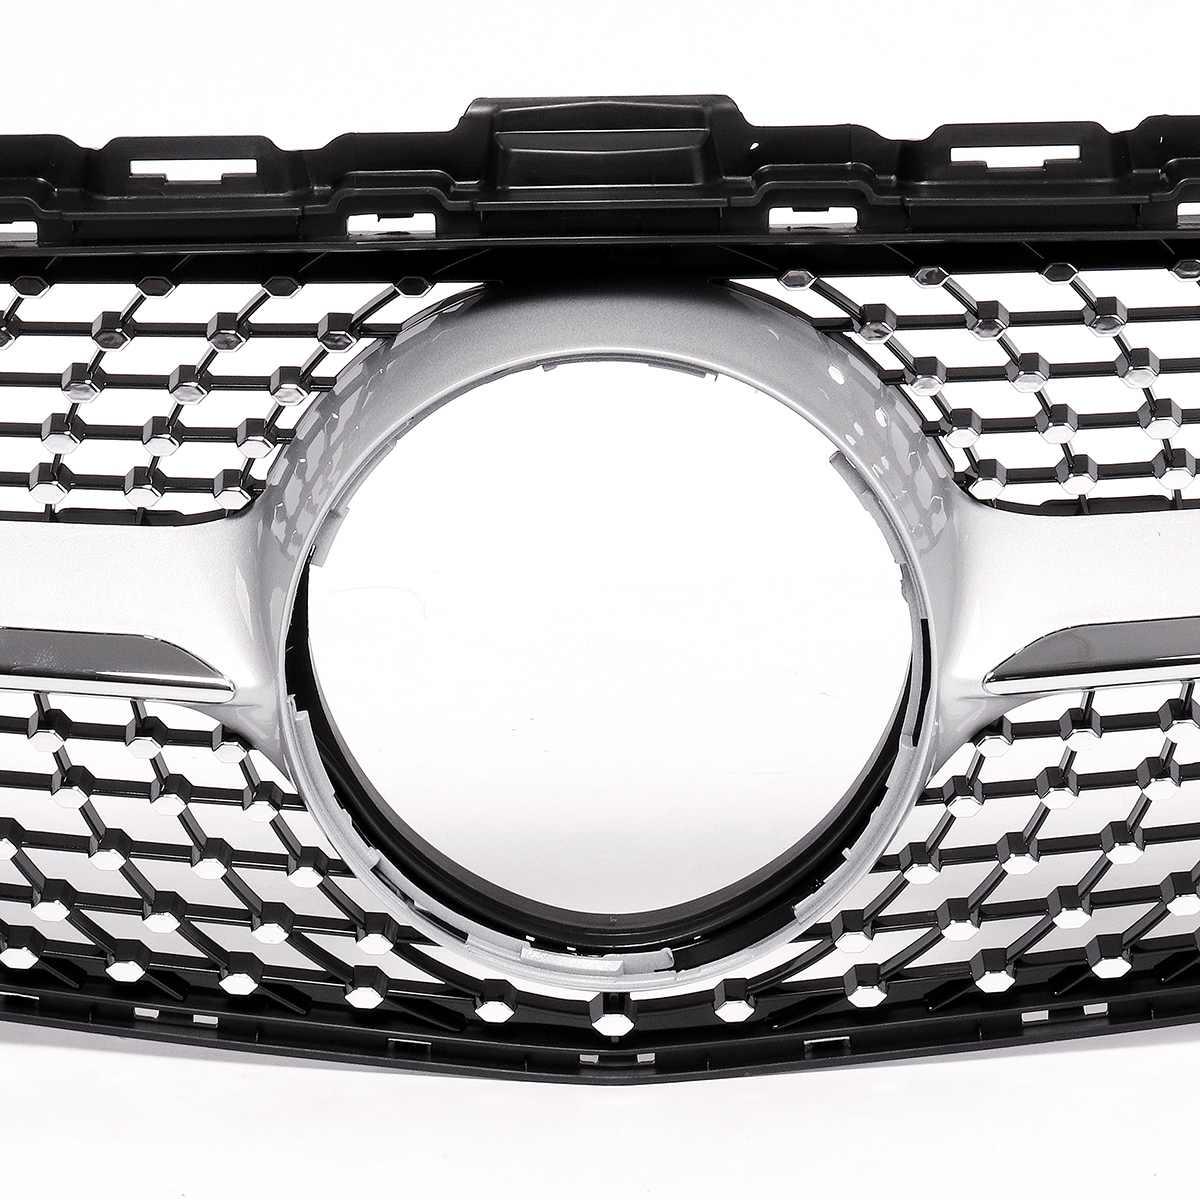 1х Автомобильная Передняя Алмазная решетка для гриля для Mercedes для Benz C Class W205 C200 C250 C300 C350 2015 18 без камеры - 5